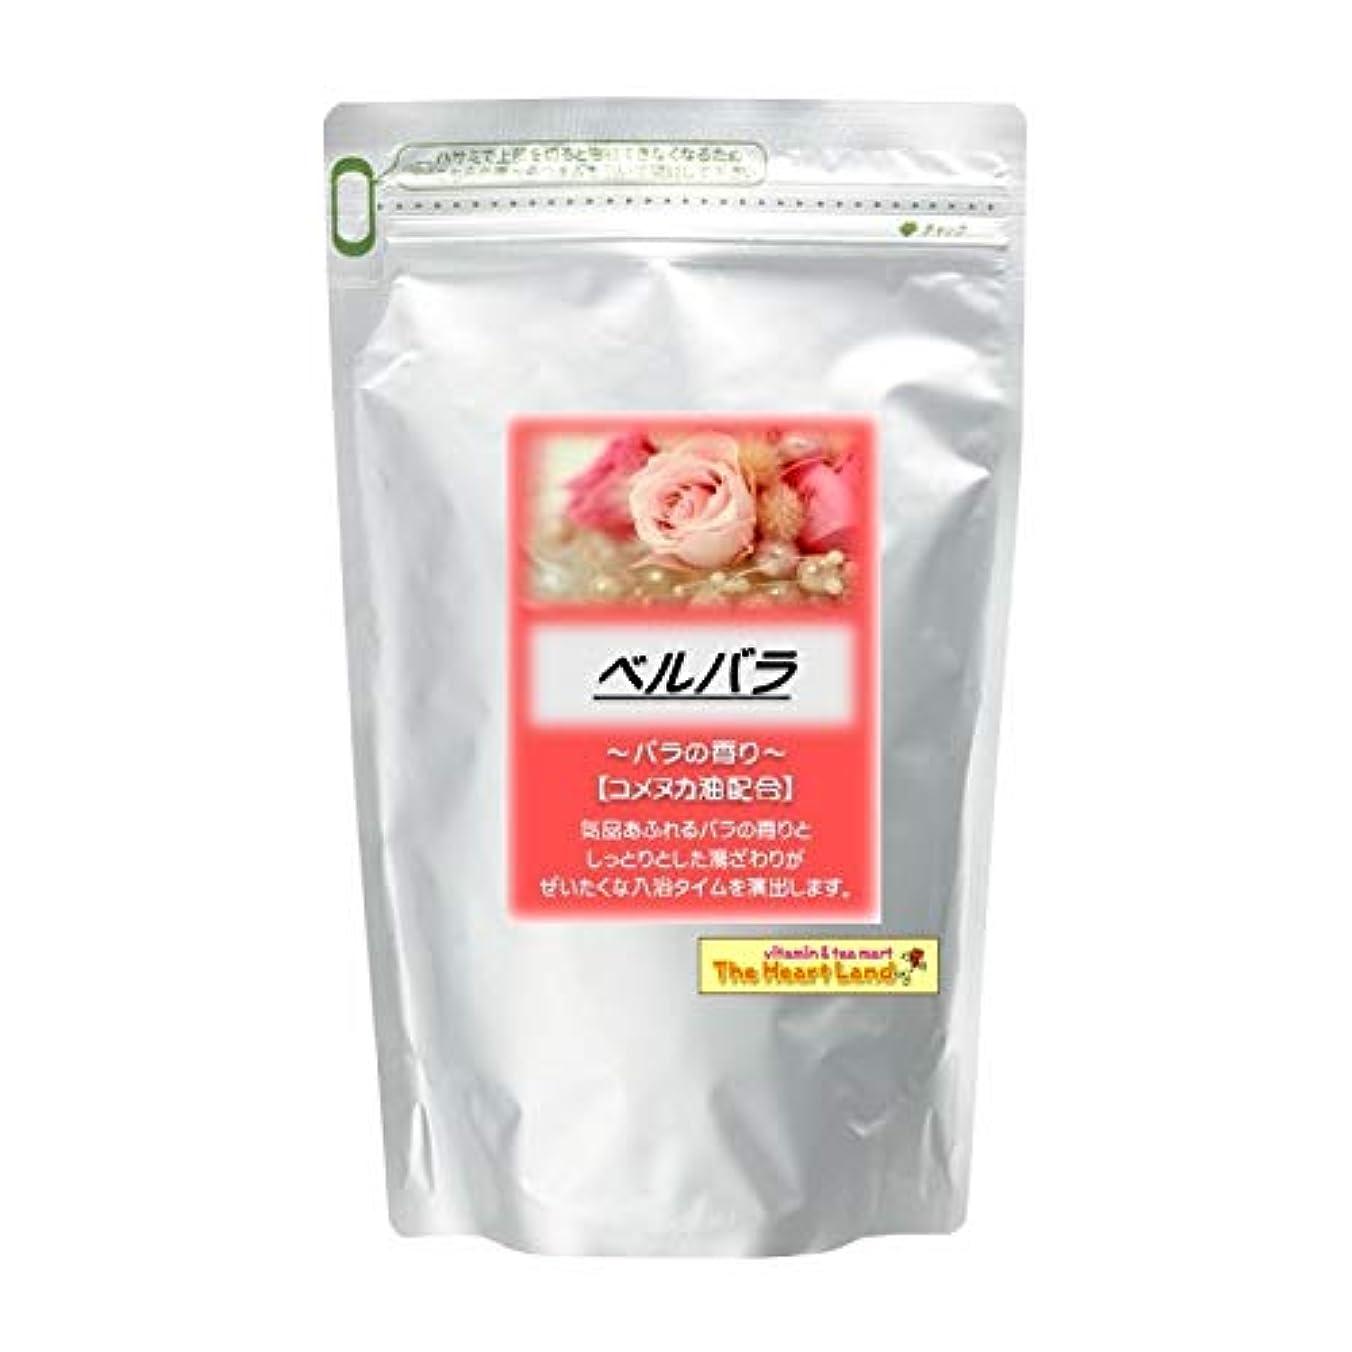 床を掃除するつらい余計なアサヒ入浴剤 浴用入浴化粧品 ベルバラ 300g